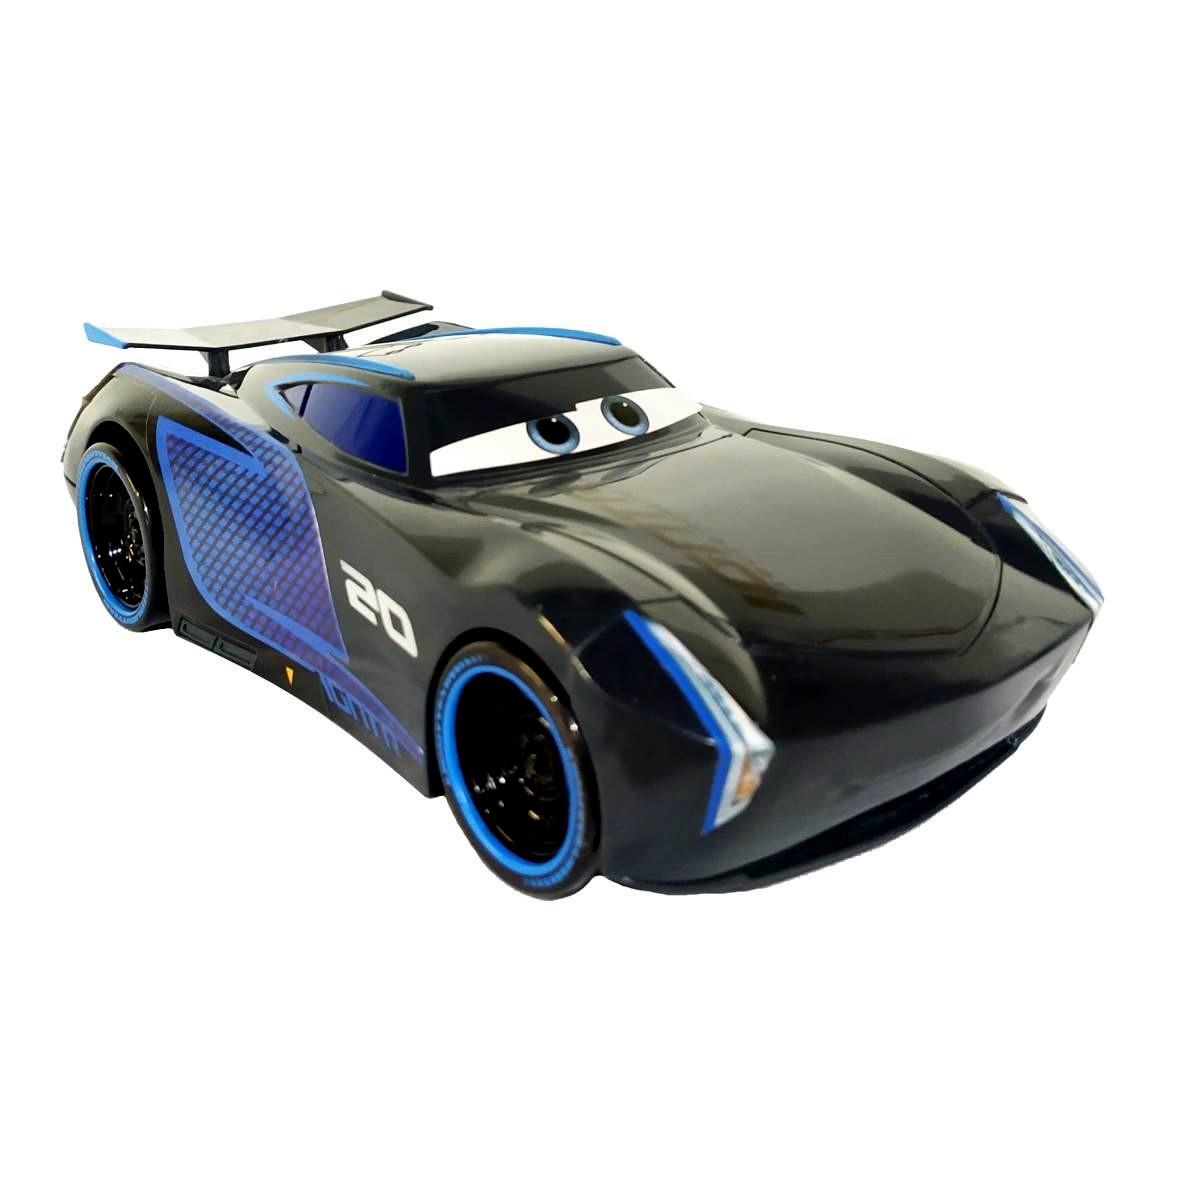 Kit c/ 3 Carrinhos Fricção Disney Carros Jackson Storm 22cm e Mate Mcqueen 10cm